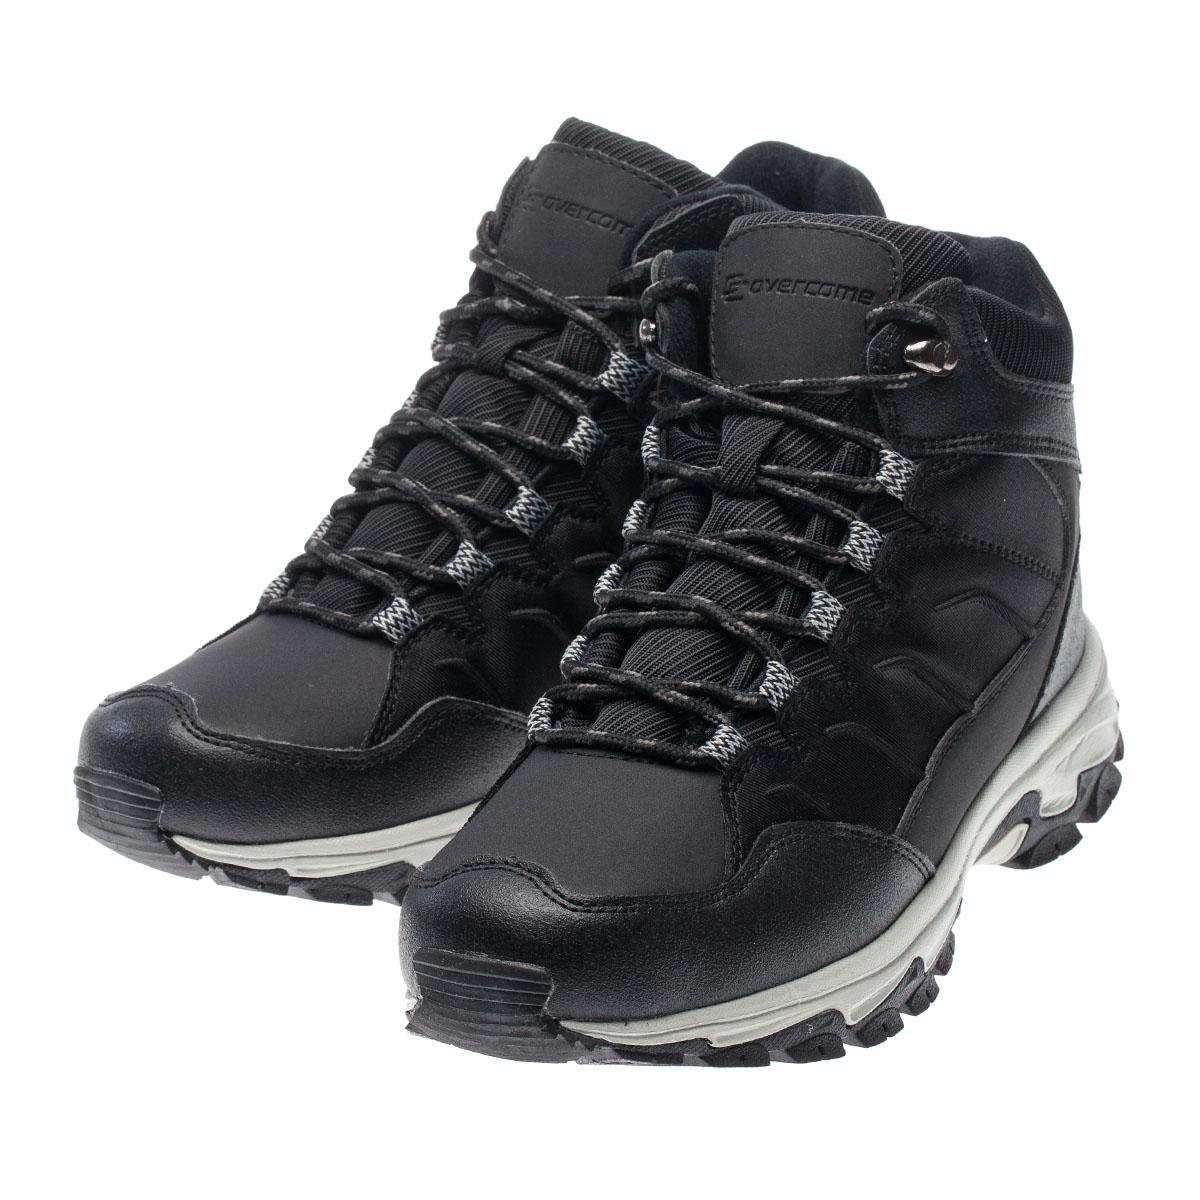 Ботинки зимние Overcome, HSM 17576 кроссовки зимние overcome hsl17020 2